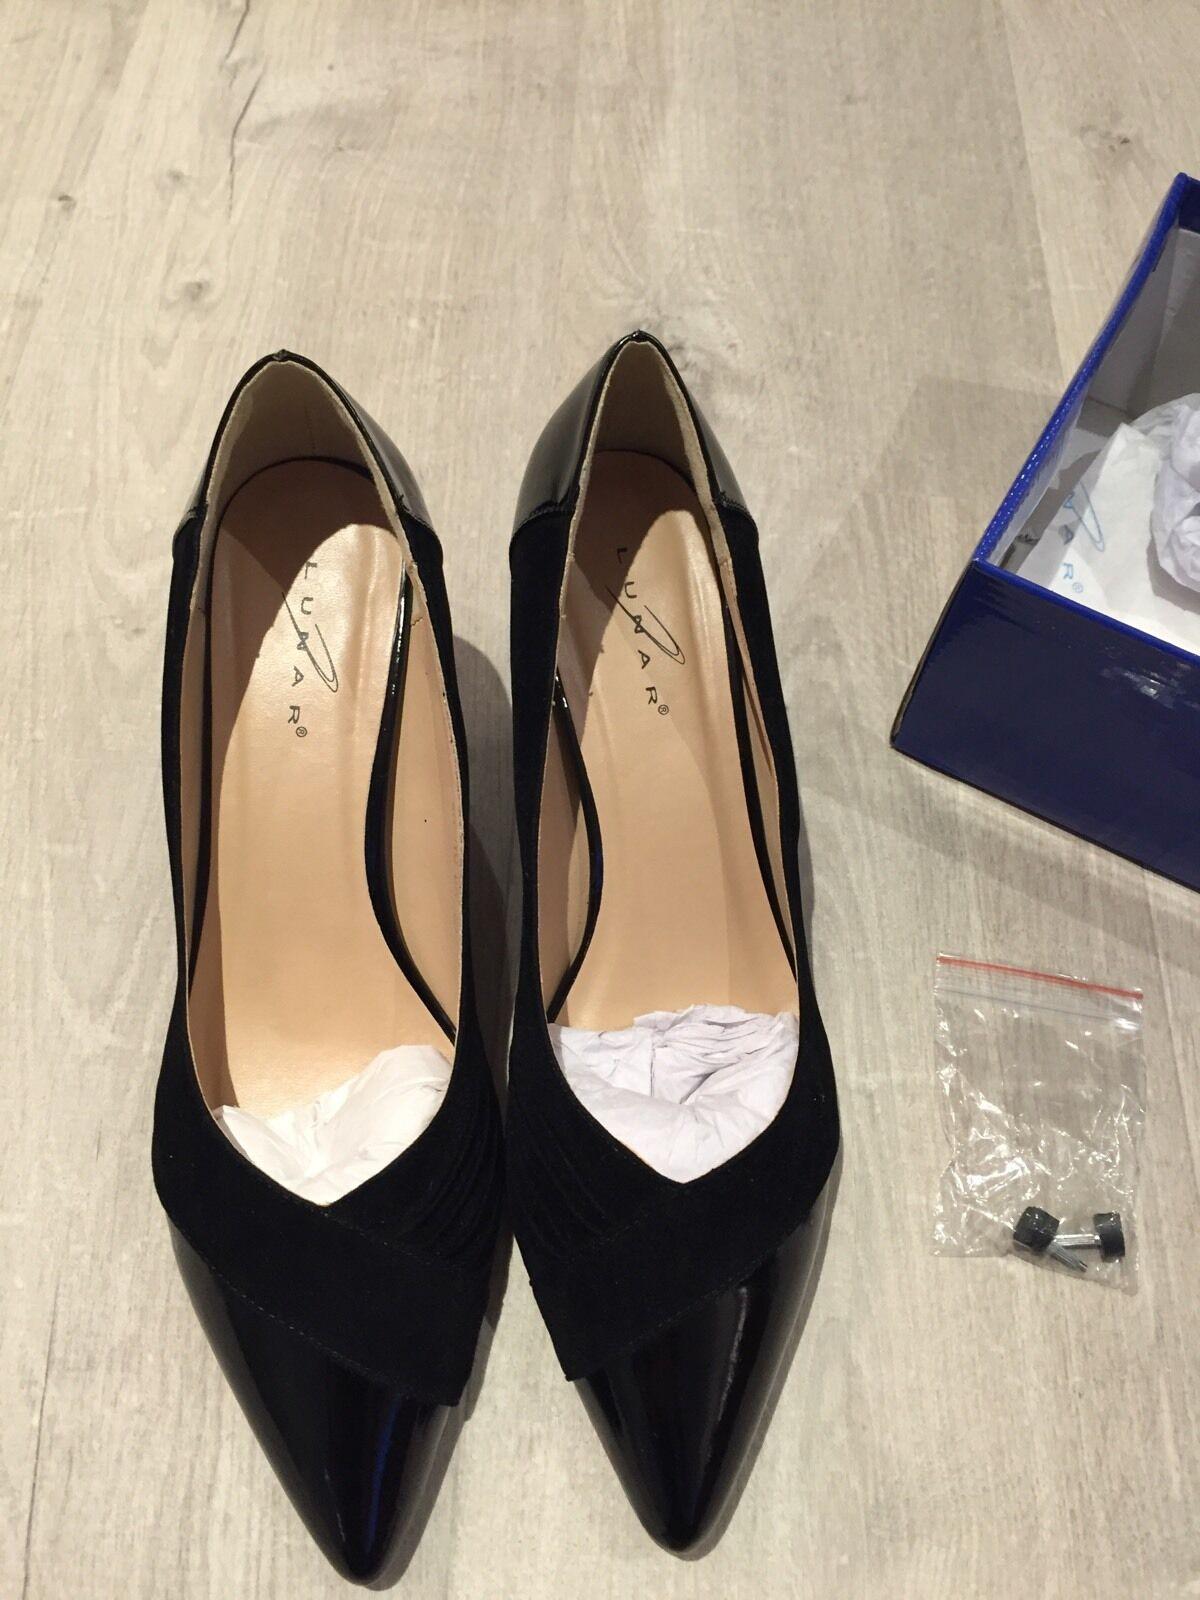 BNIB Ladies Lunar Black shoes - Size 7